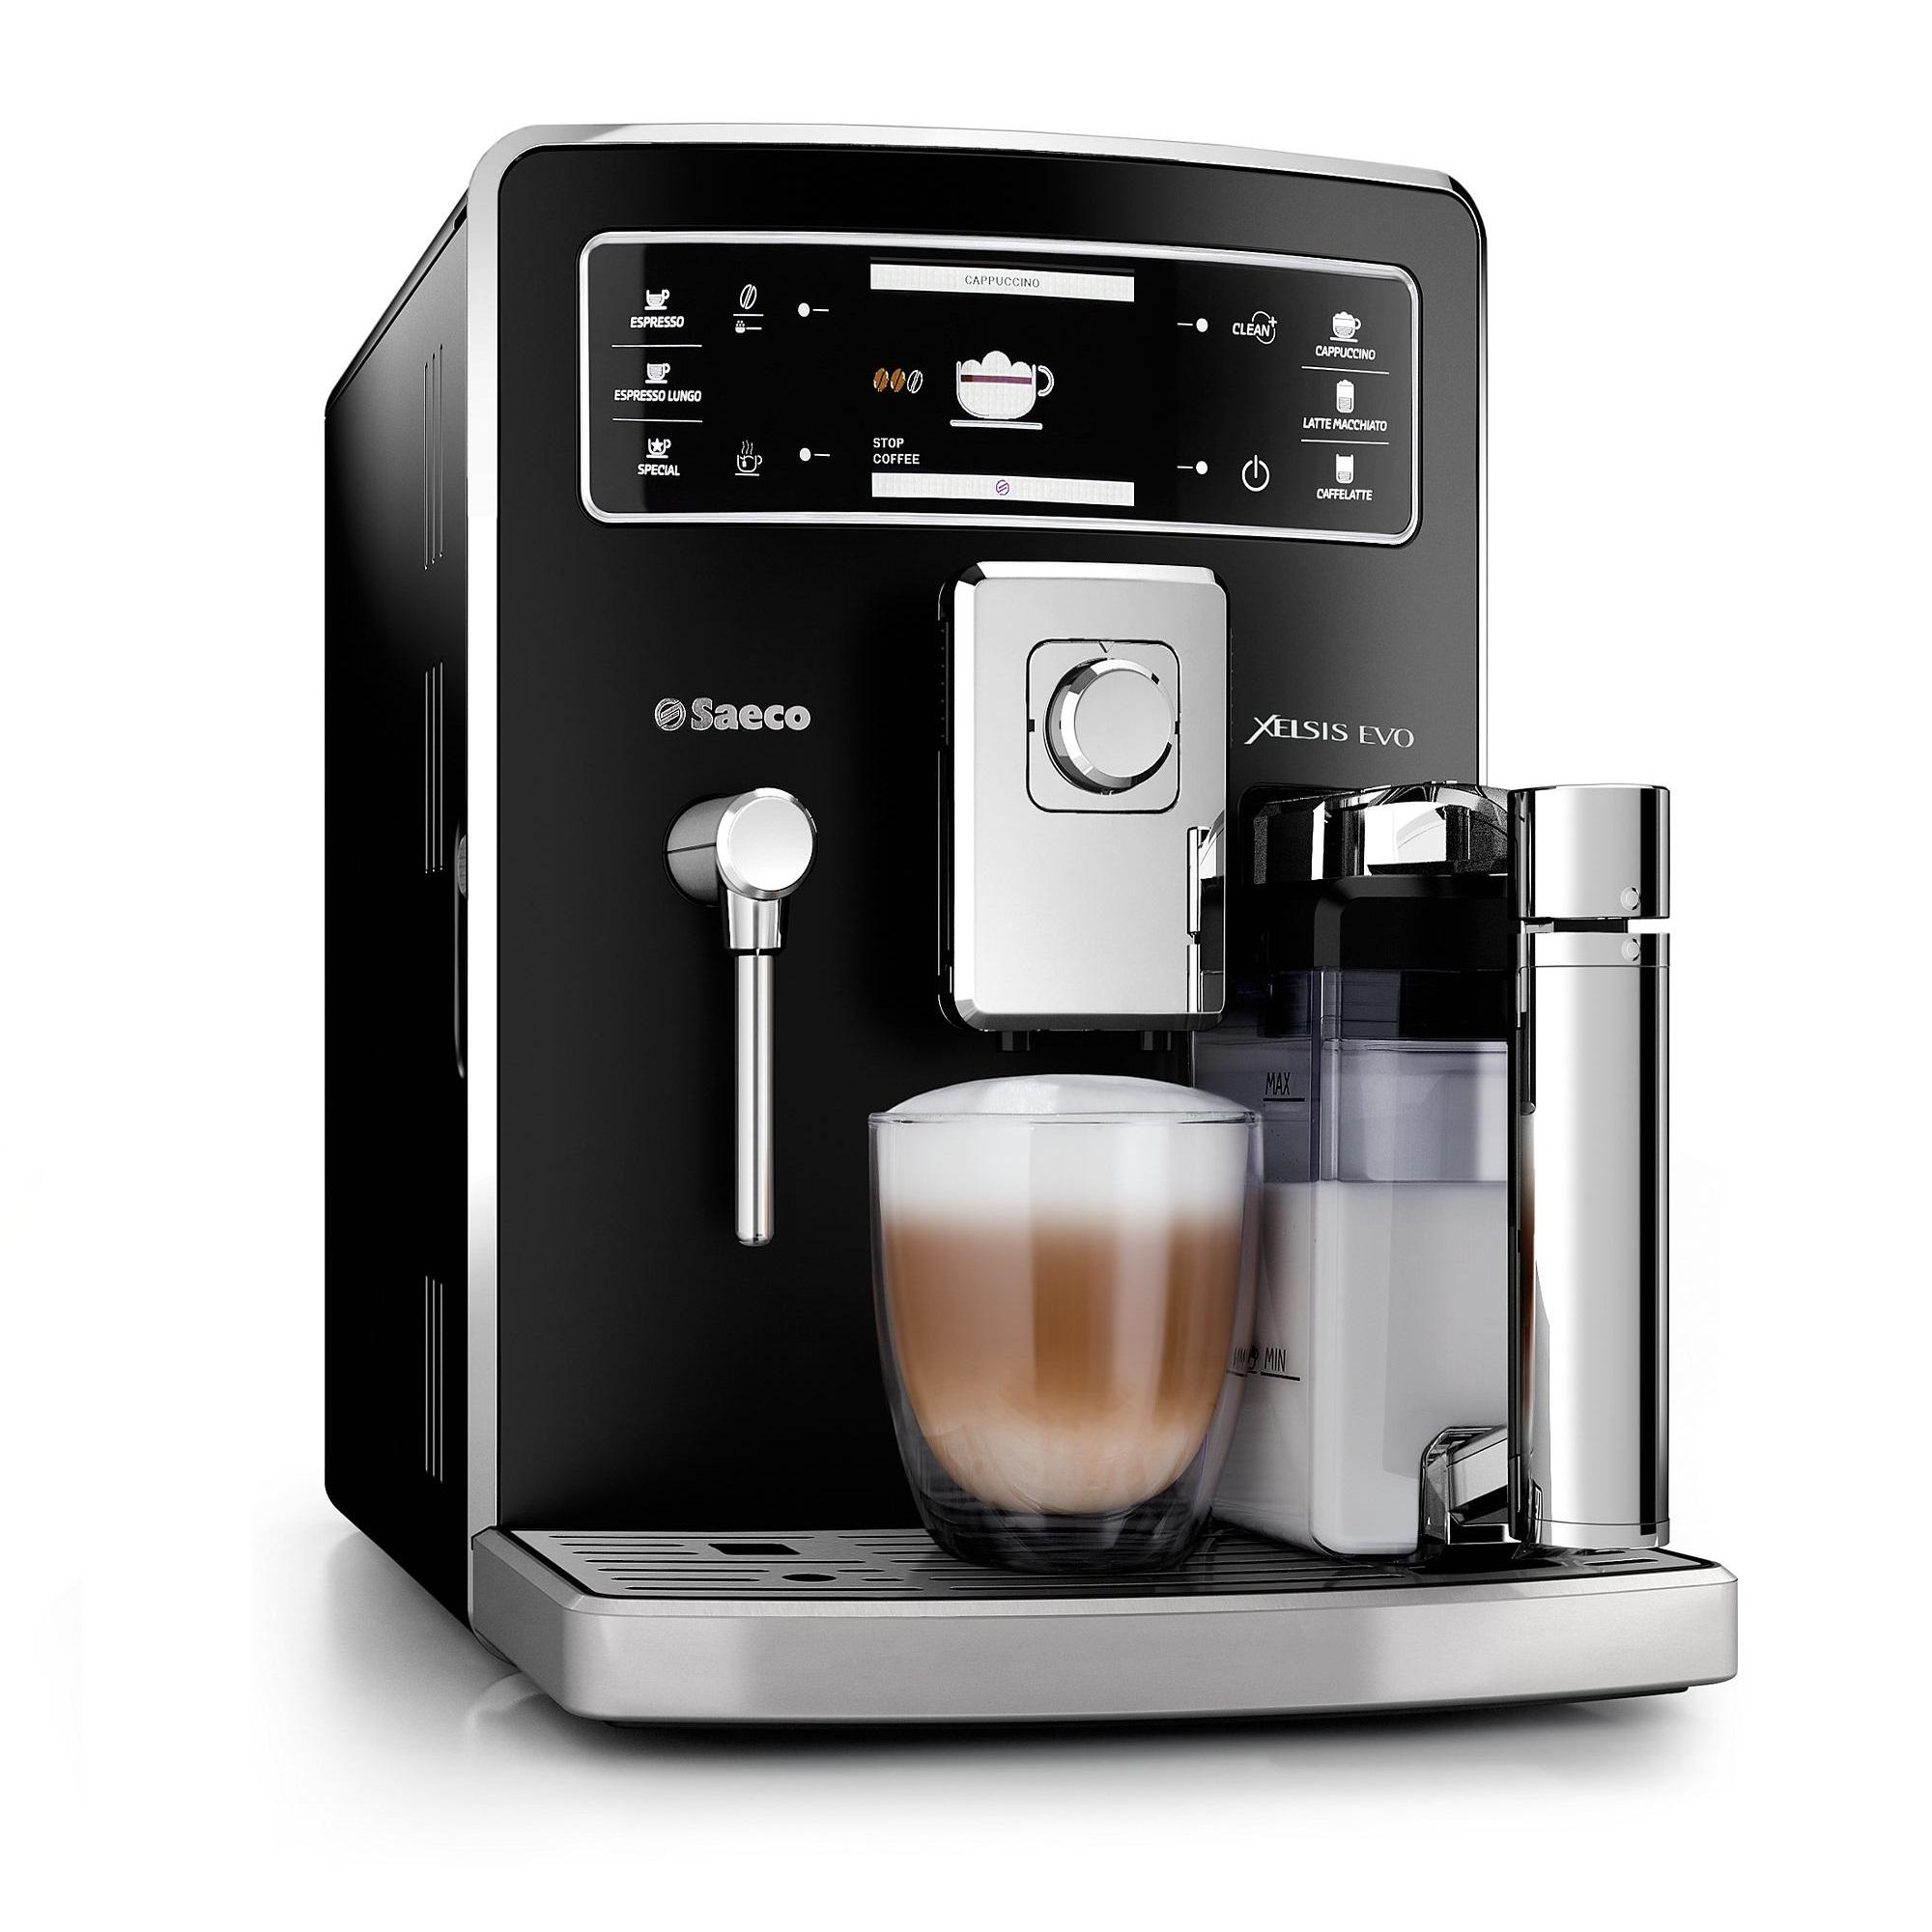 Капсульная кофеварка какая лучше 1